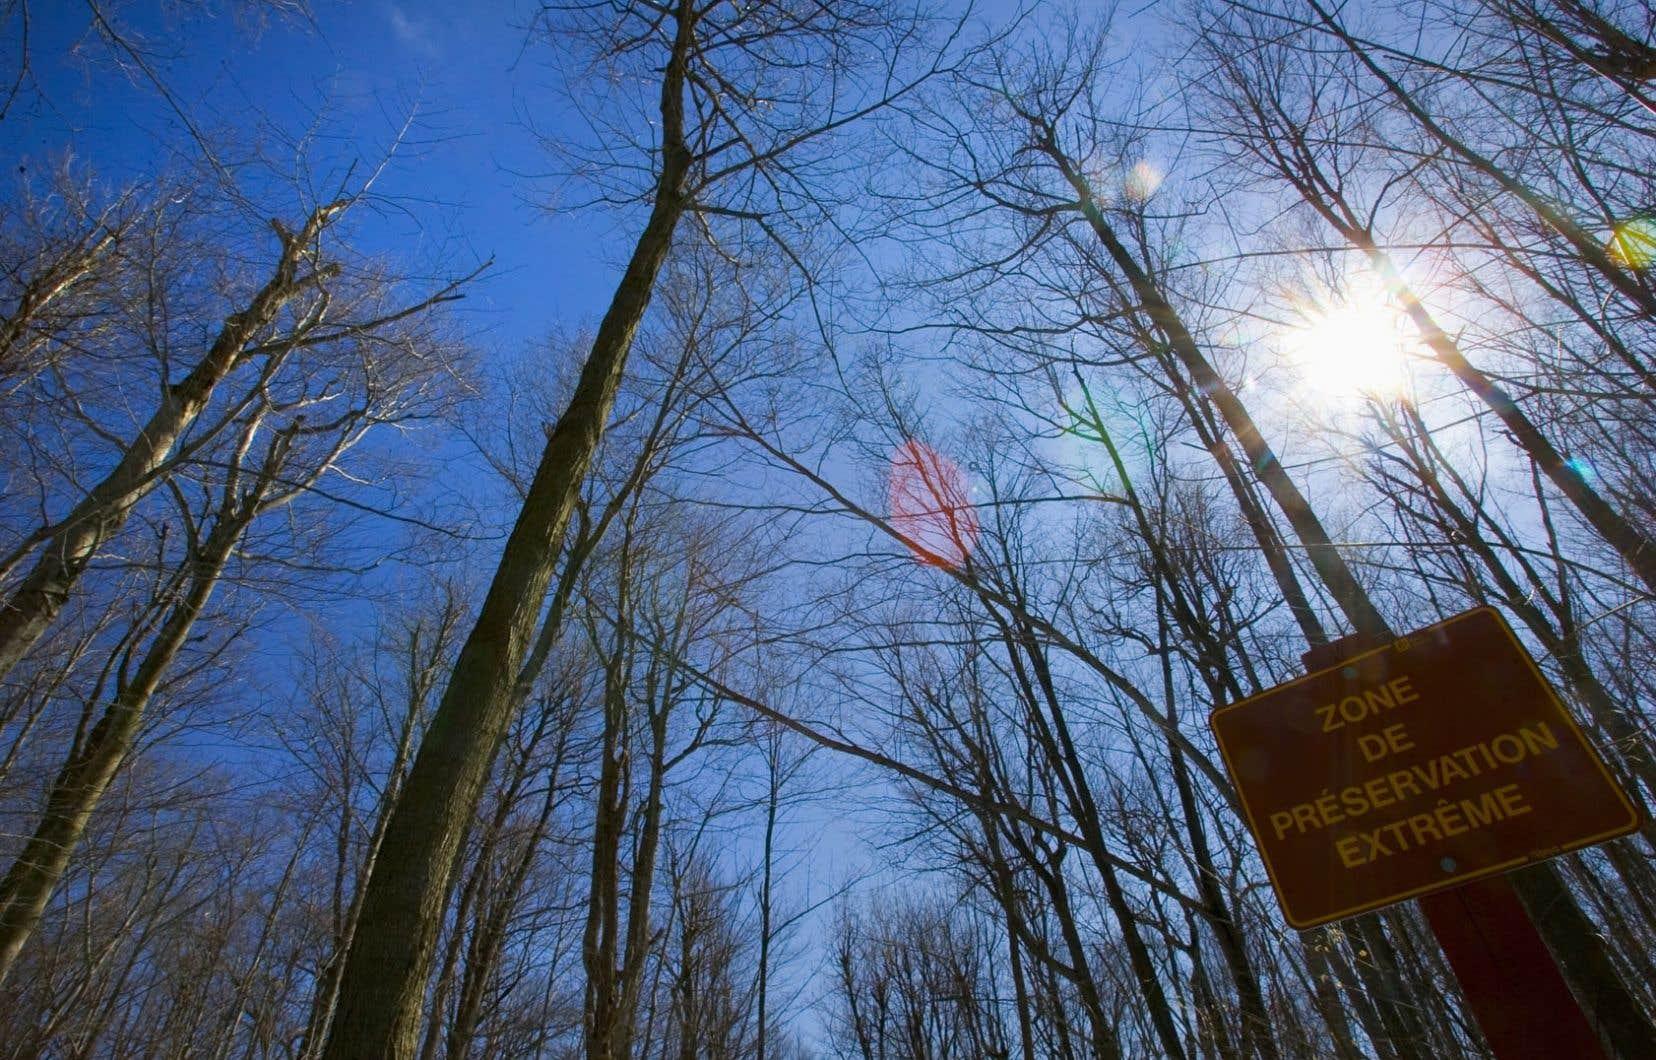 La gestion forestière, pensée sur une échelle très locale, doit s'adapter à la réalité des changements climatiques globaux.